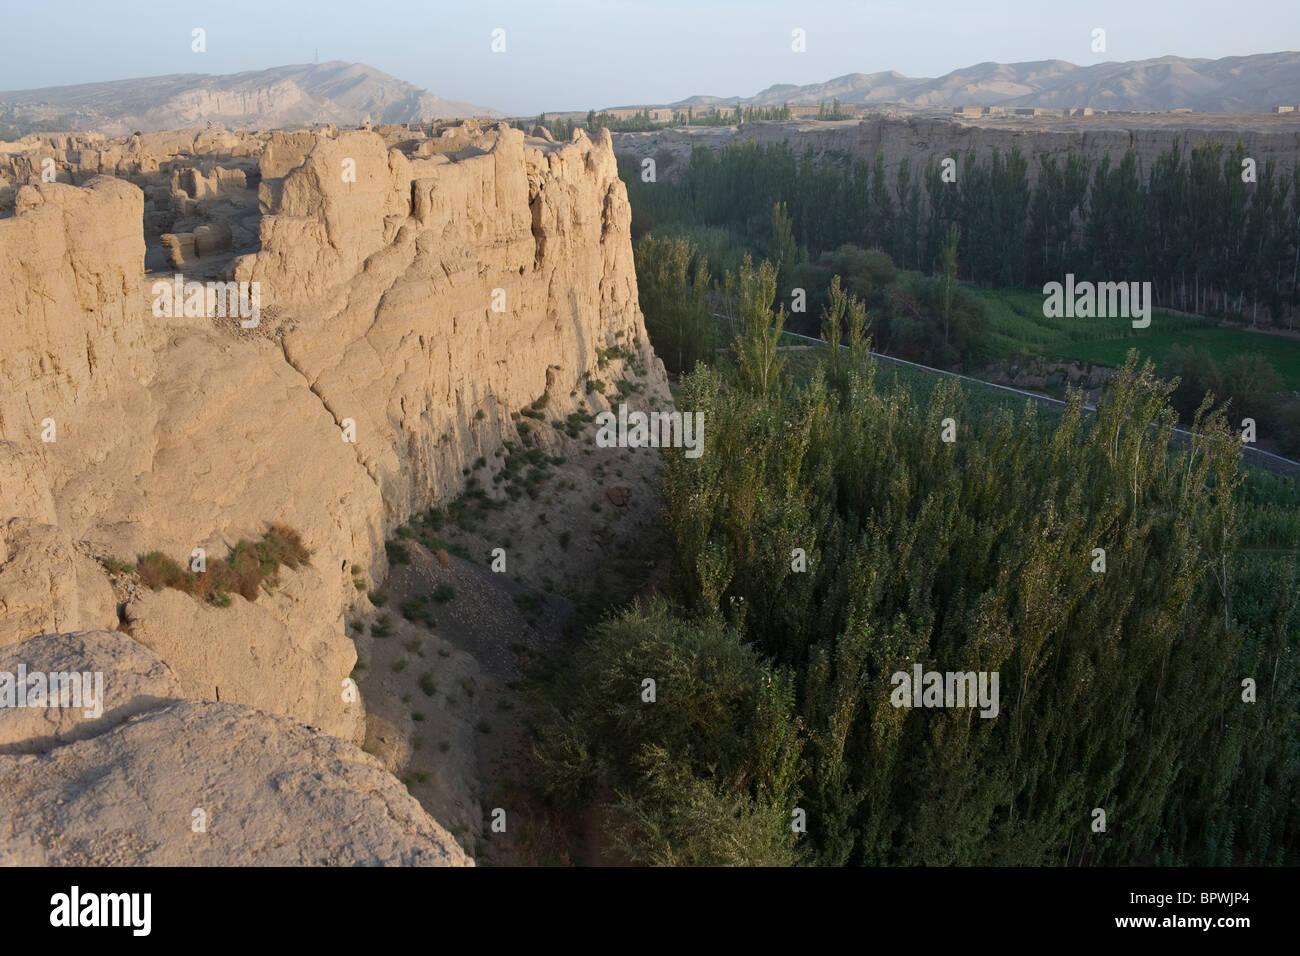 Jiaohe city ruins near Turpan, Xinjiang, China. - Stock Image